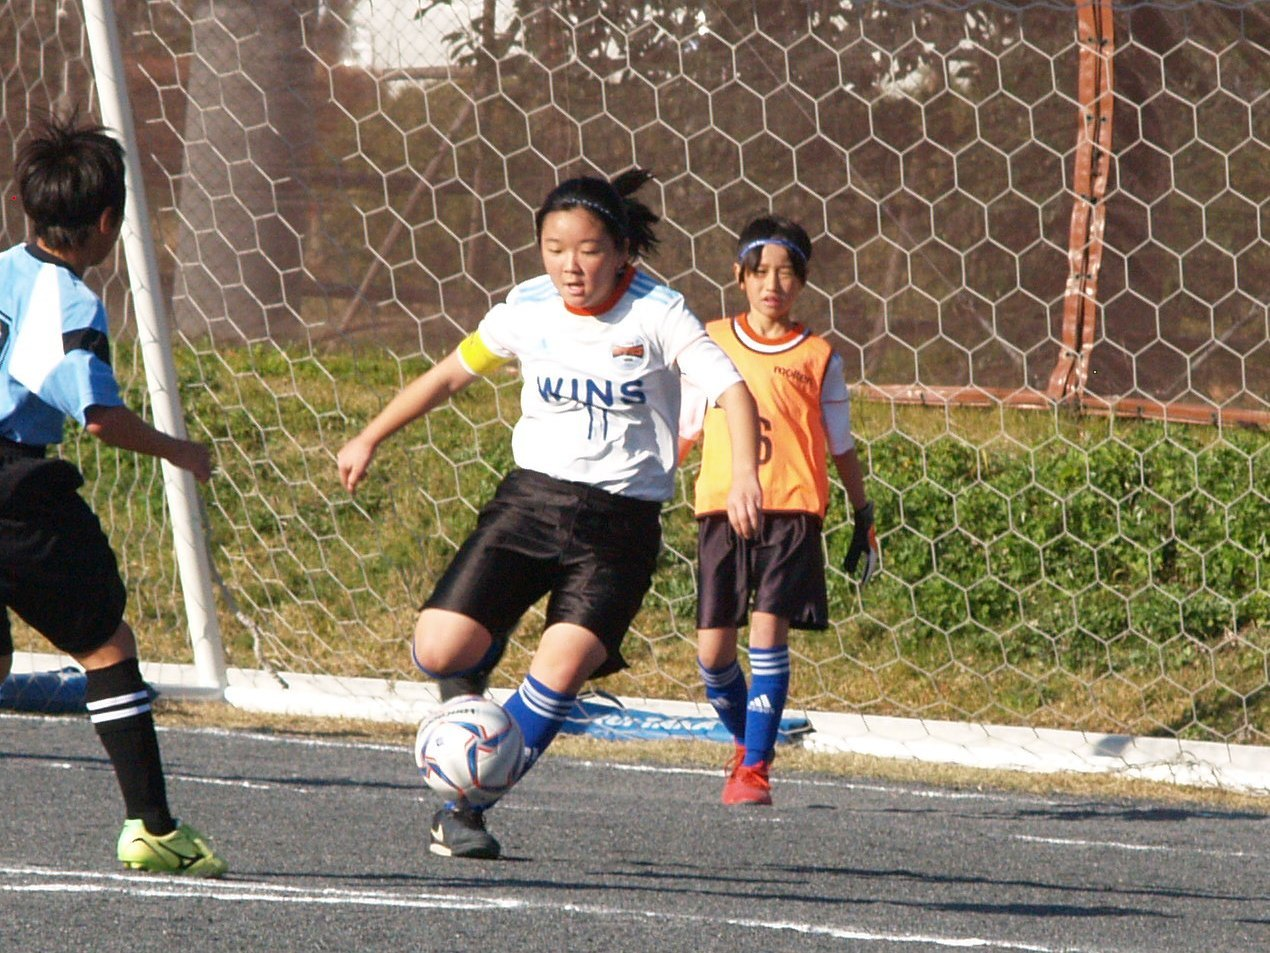 YGL(横浜ガールズリーグ) U-12_f0375011_00091166.jpg